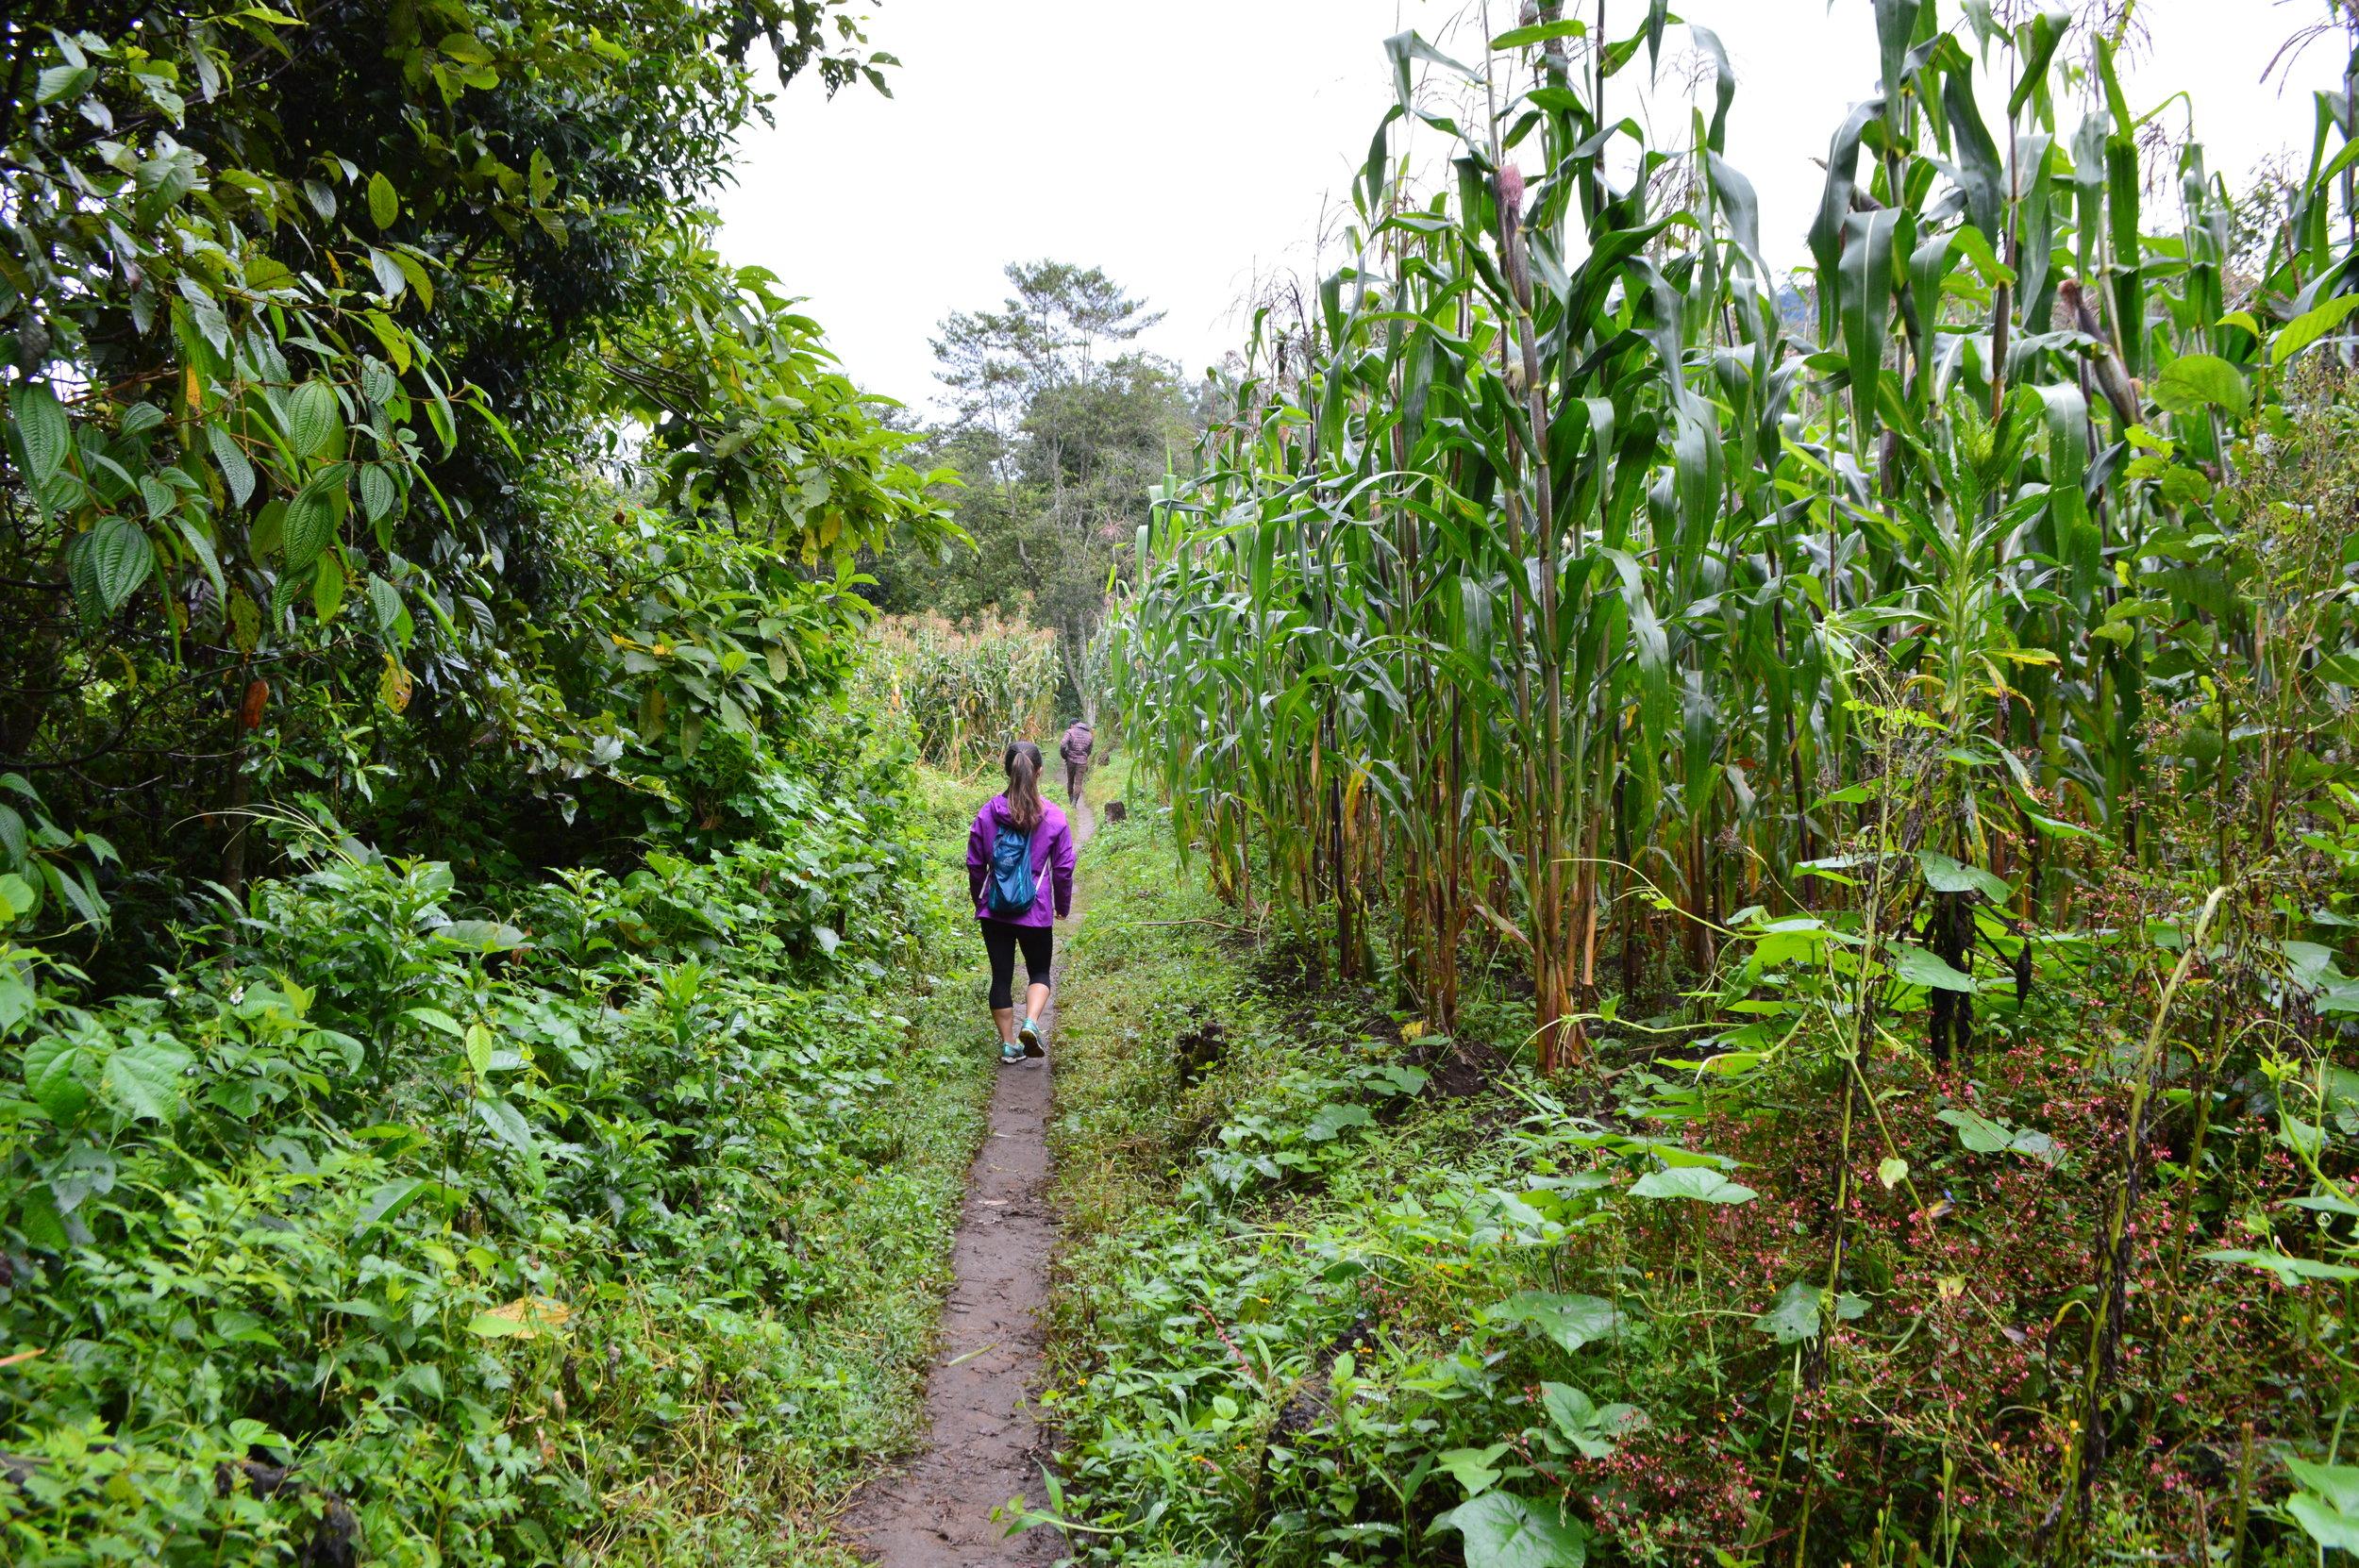 Walking past many corn fields